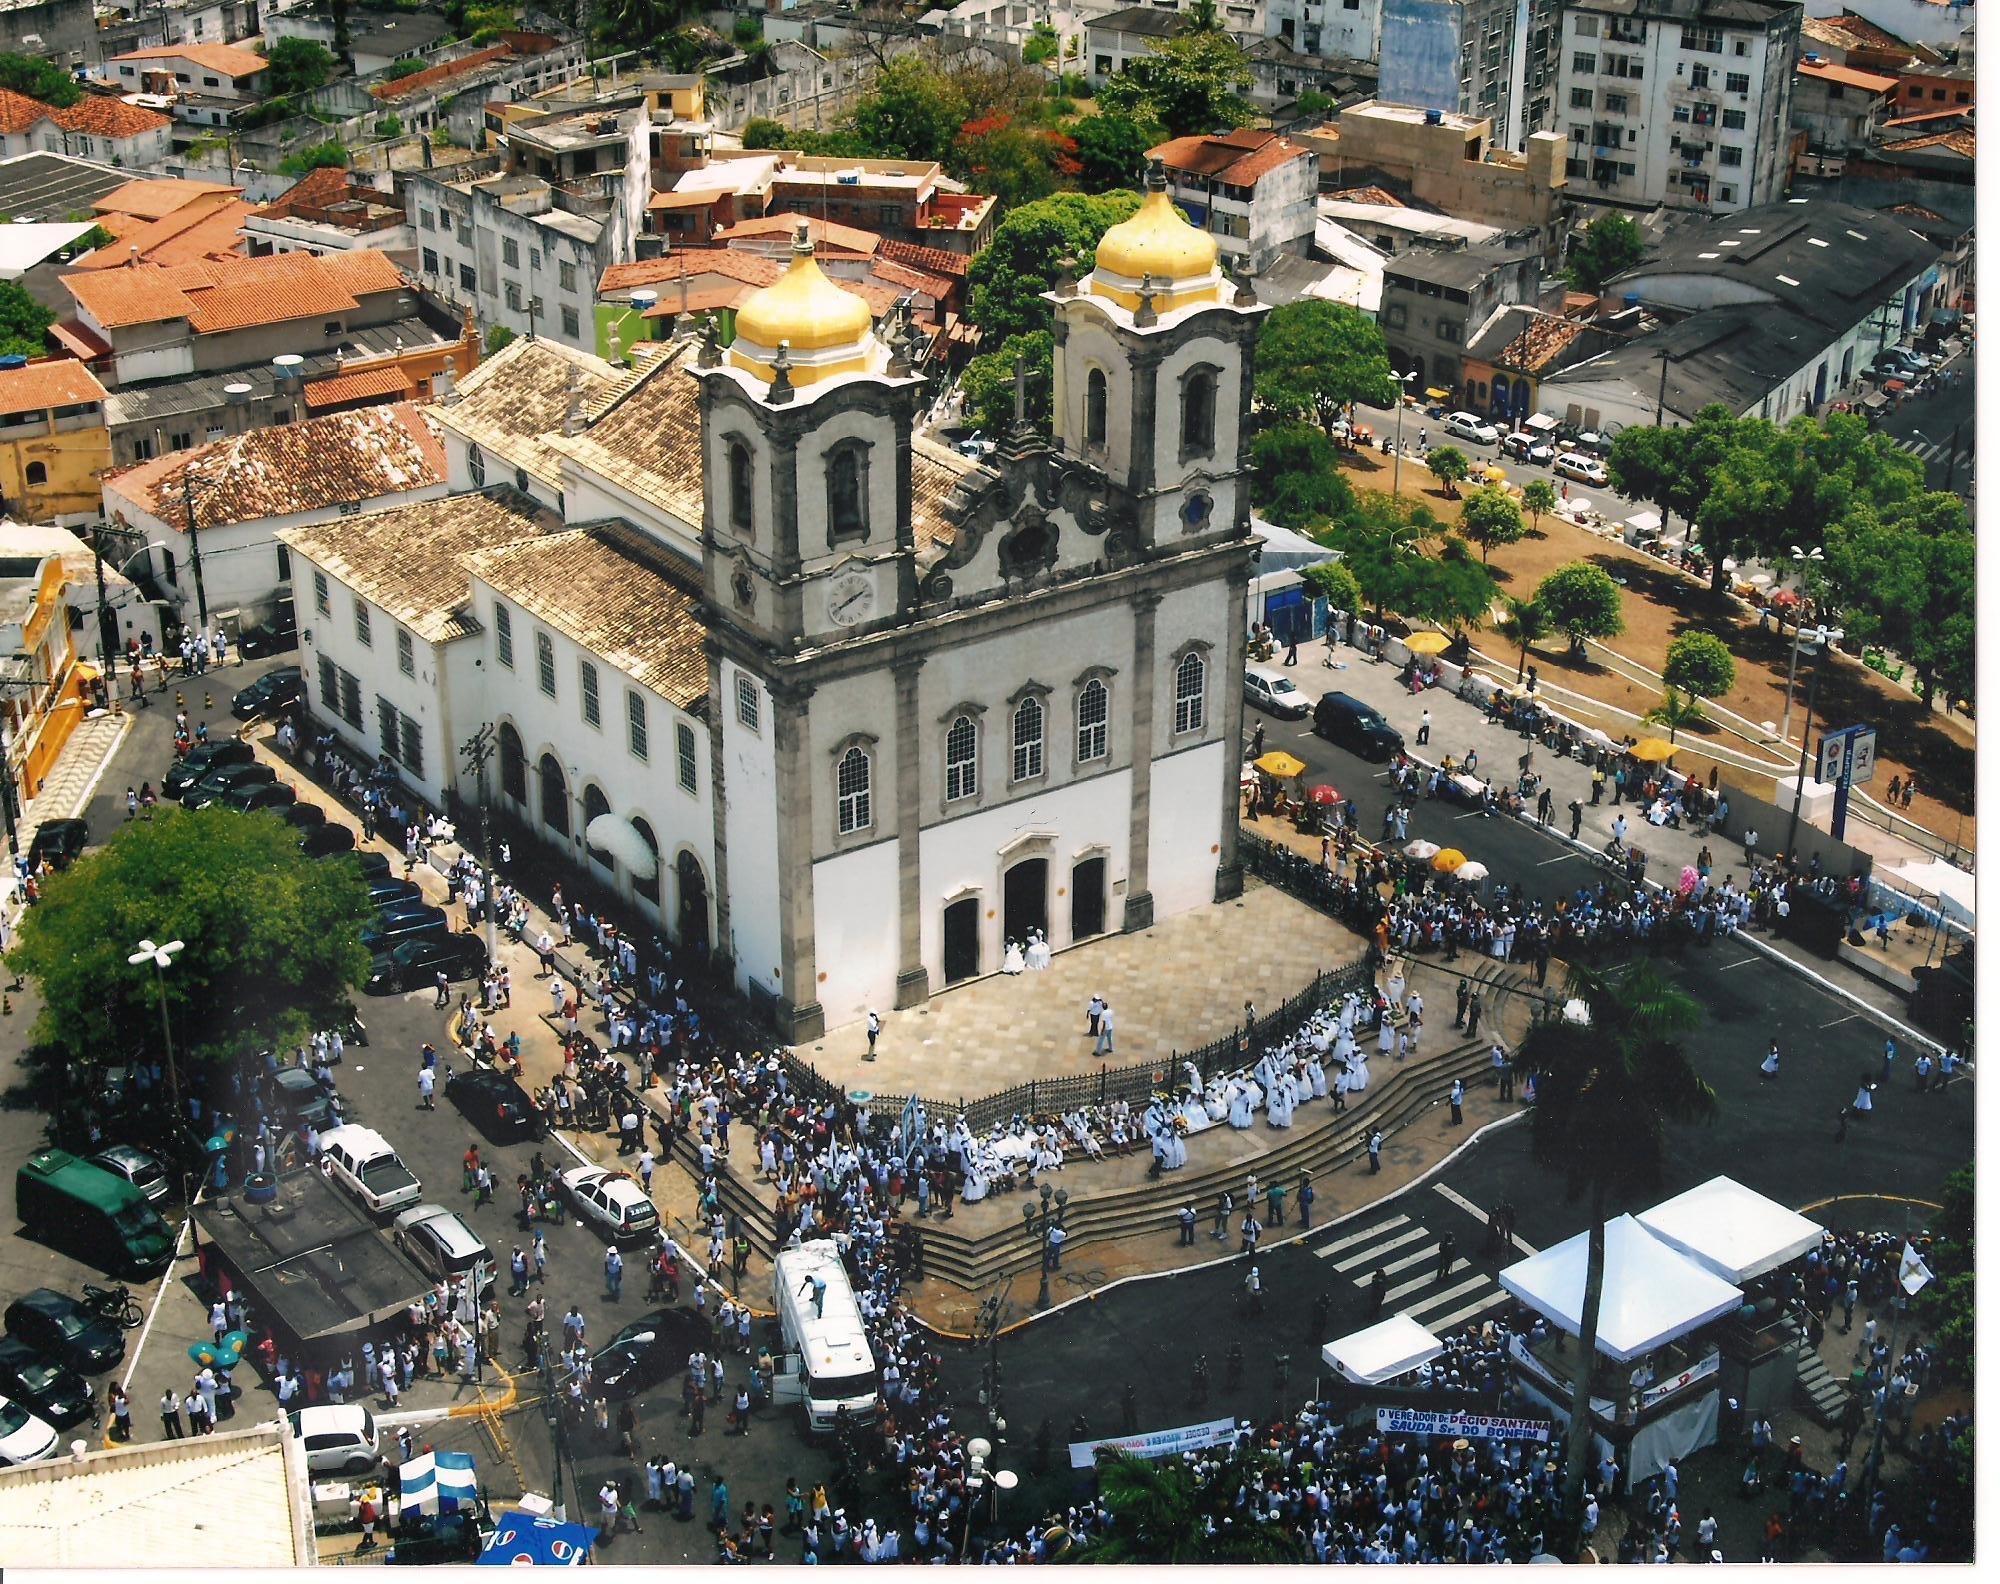 Basílica Santuário Senhor do Bonfim